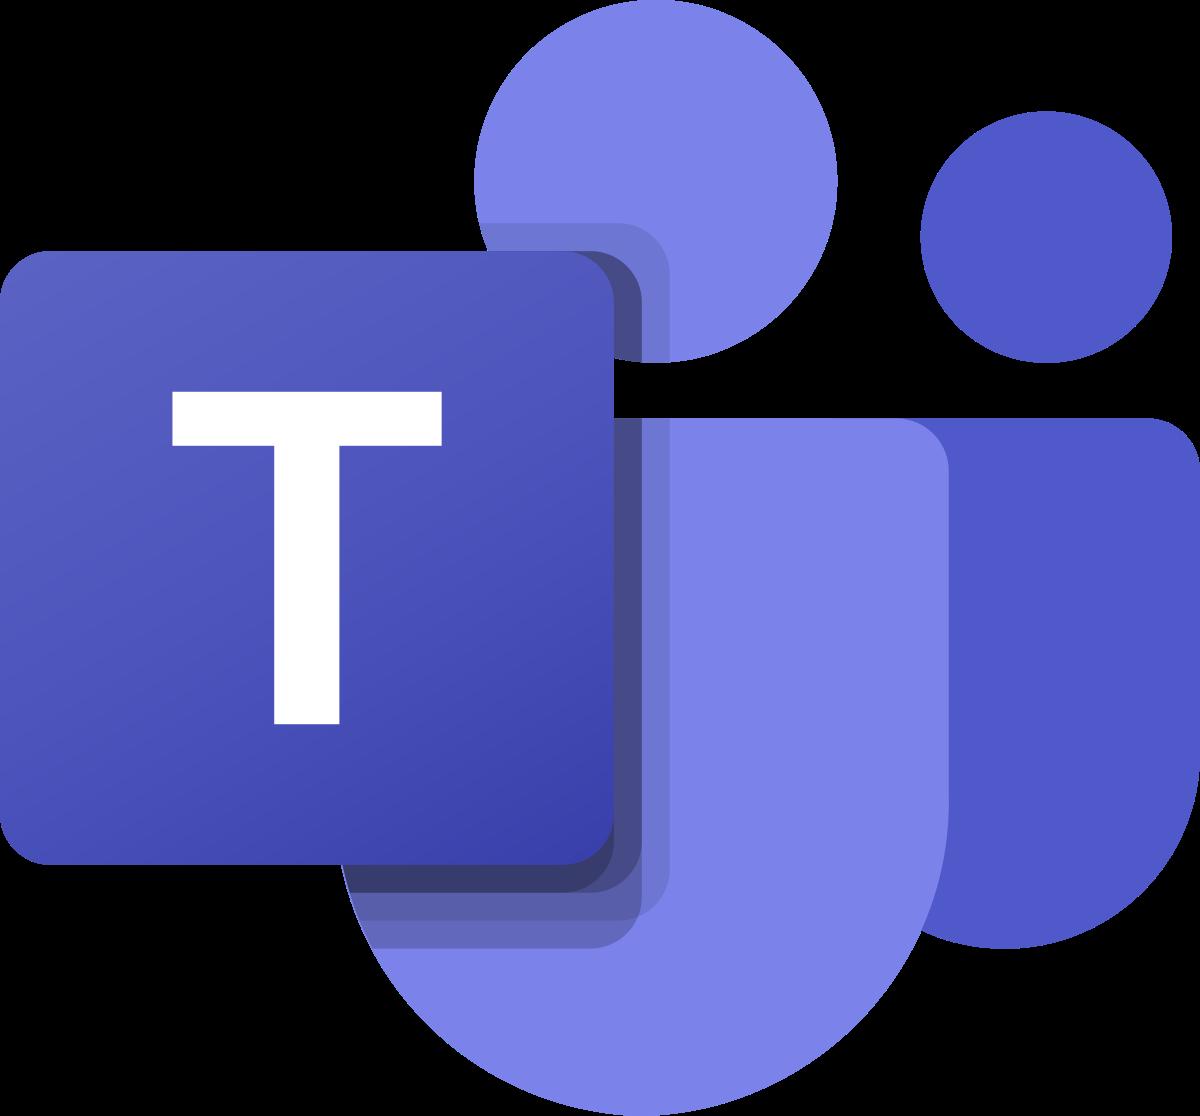 Teams webcast